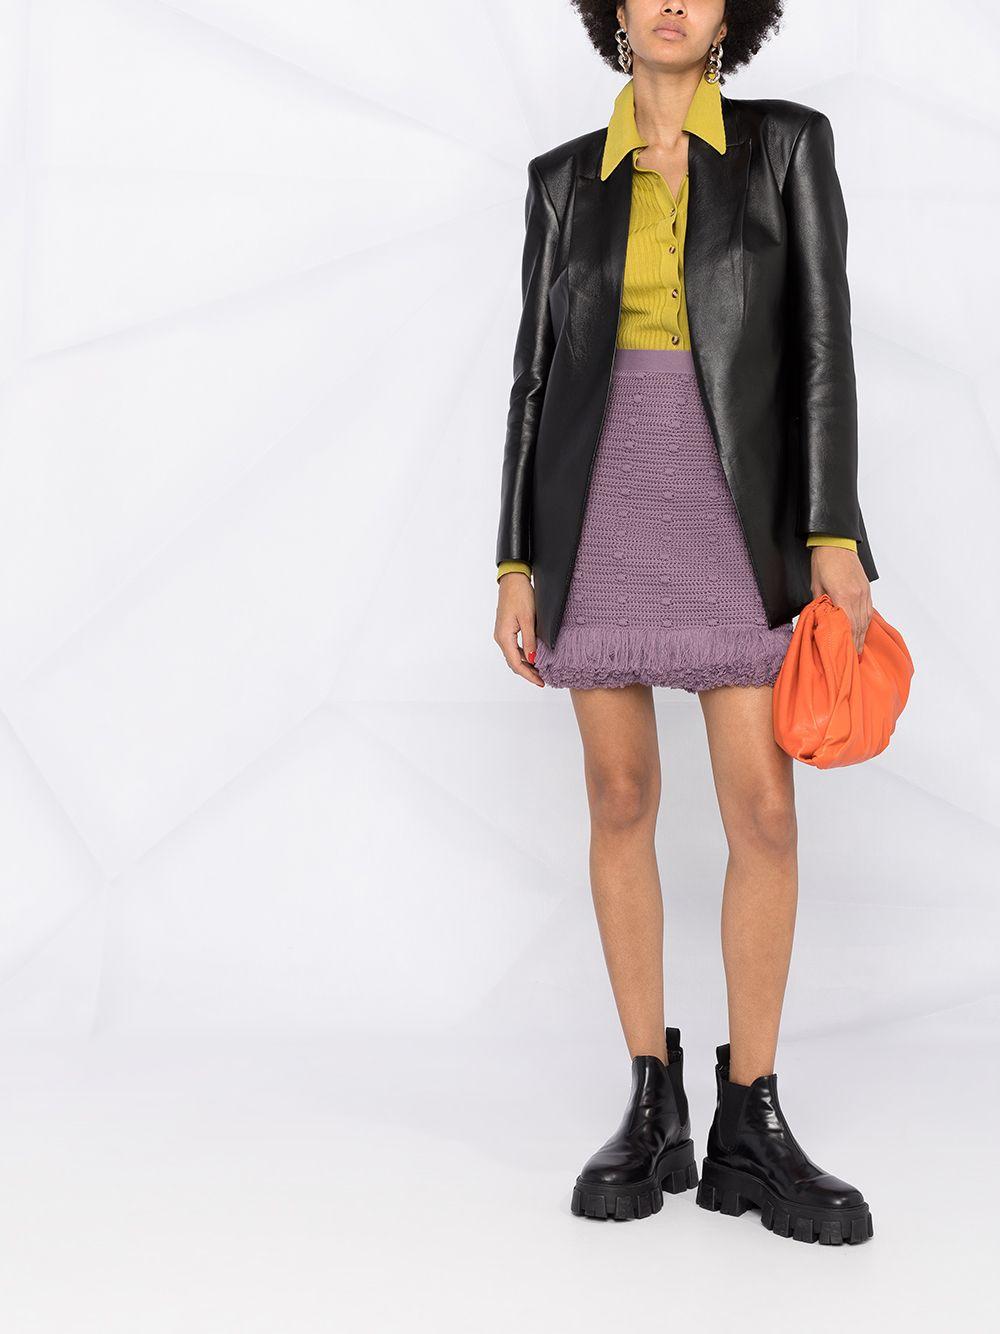 Lavander cotton knitted mini skirt featuring pom pom all over details BOTTEGA VENETA |  | 648956-V0DW05115